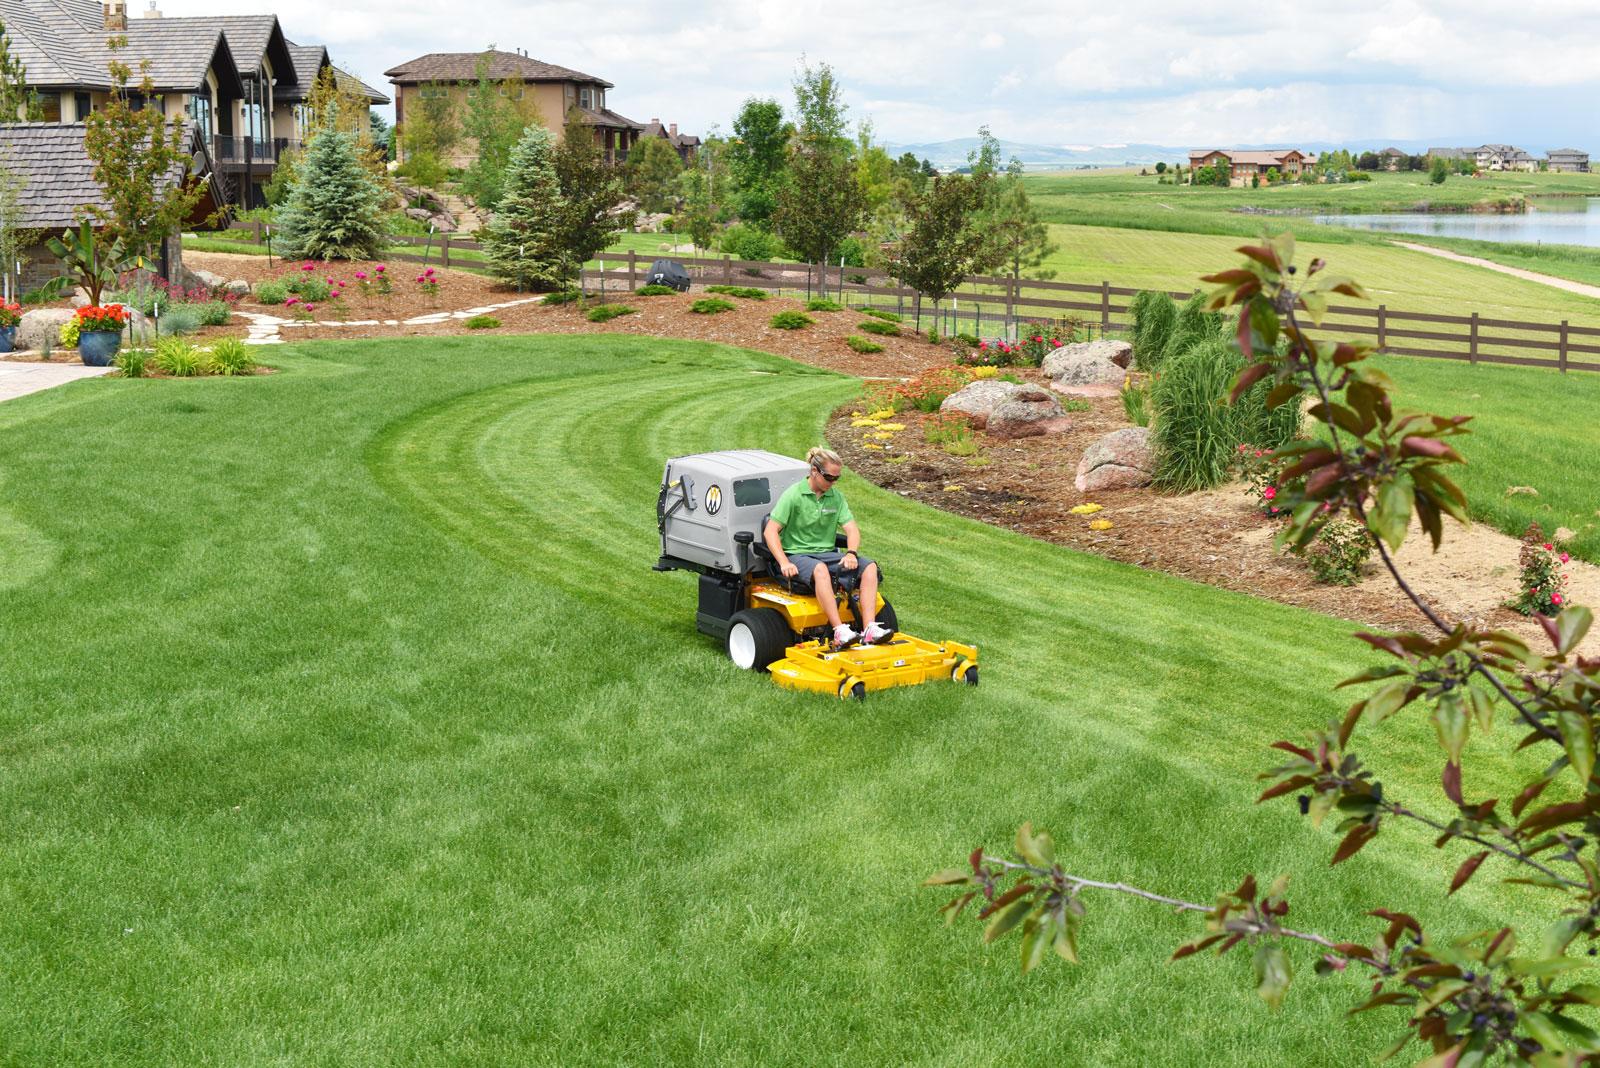 The Walker Model T23 Commercial Lawn Mower